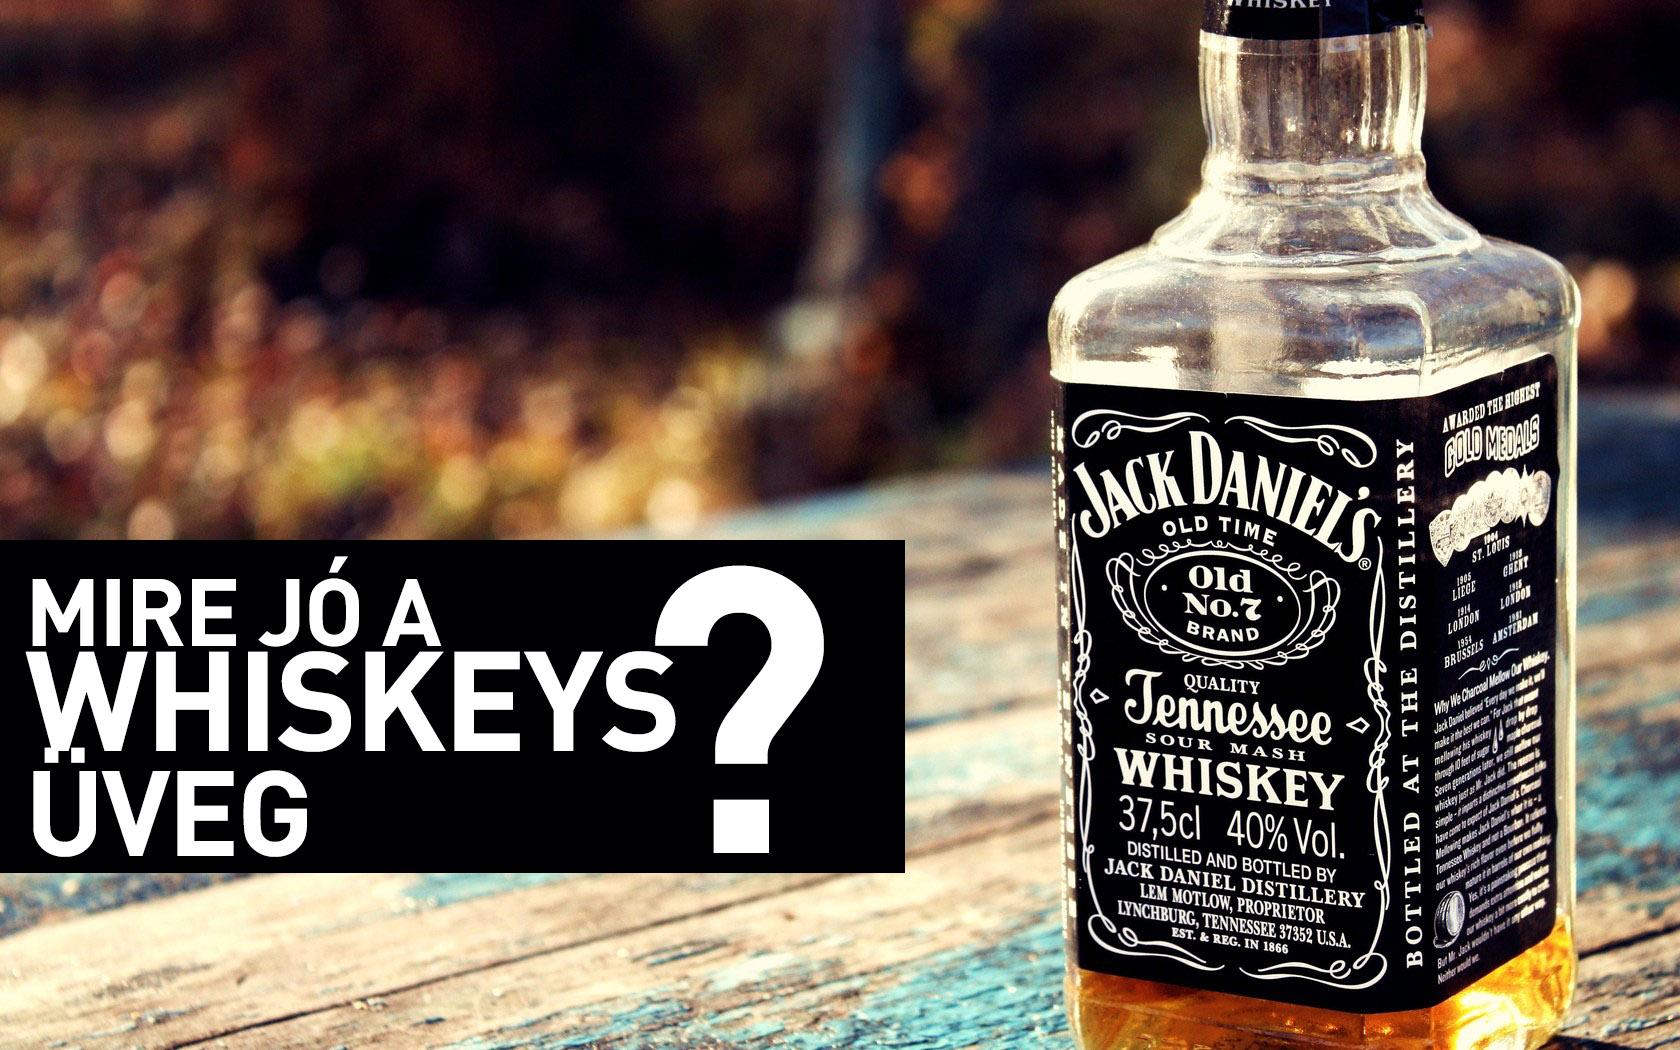 Jack-daniels-lkjpg.jpg